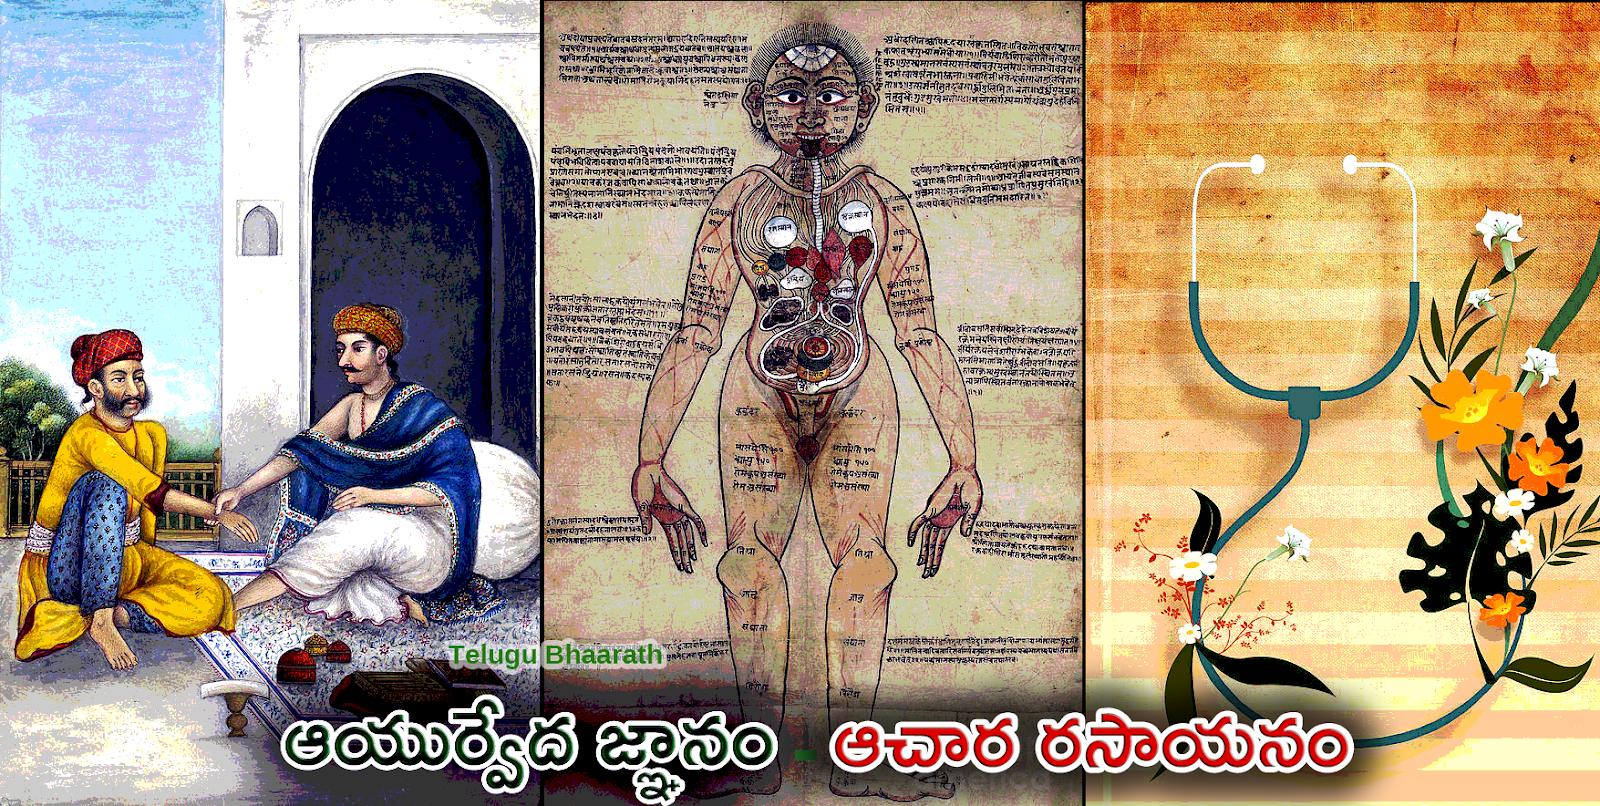 ఆయుర్వేద భారతీయ జీవన విధానమే సంక్రమణ వ్యాధులకు అడ్డుకట్ట - Bharatiya Jevana Vidhaname Sri Raama Raksha